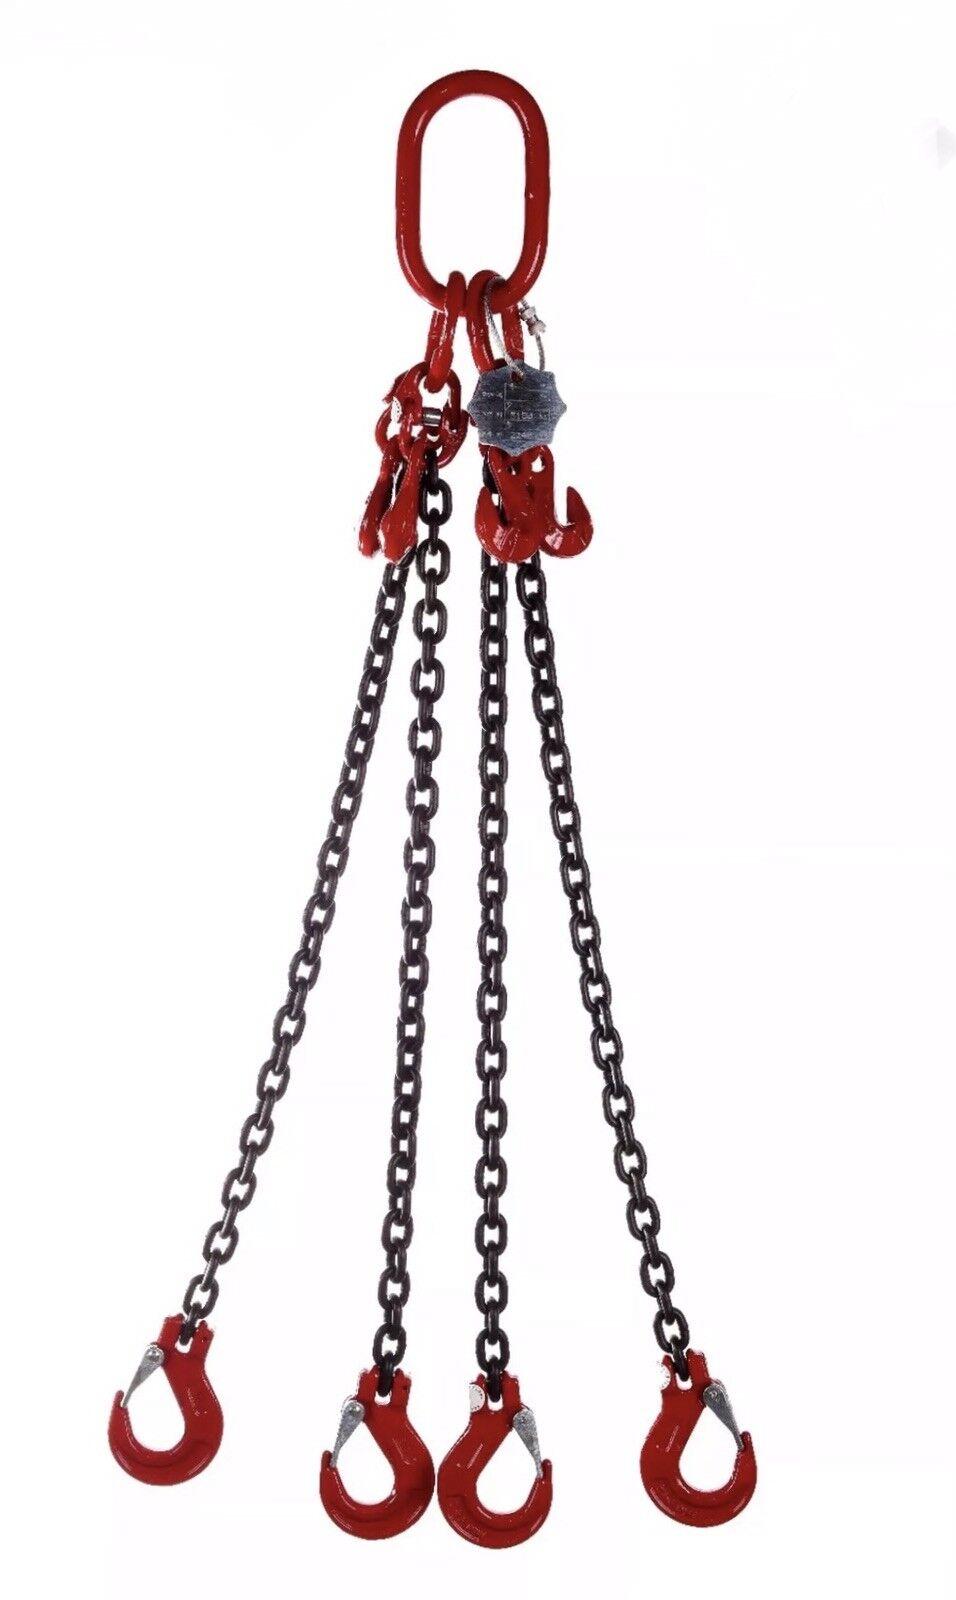 1 1 1 Mètres x 4 Jambe 13 mm de Levage Chaîne Sling 11.2 T avec shortners pour EN818-4 975fcb